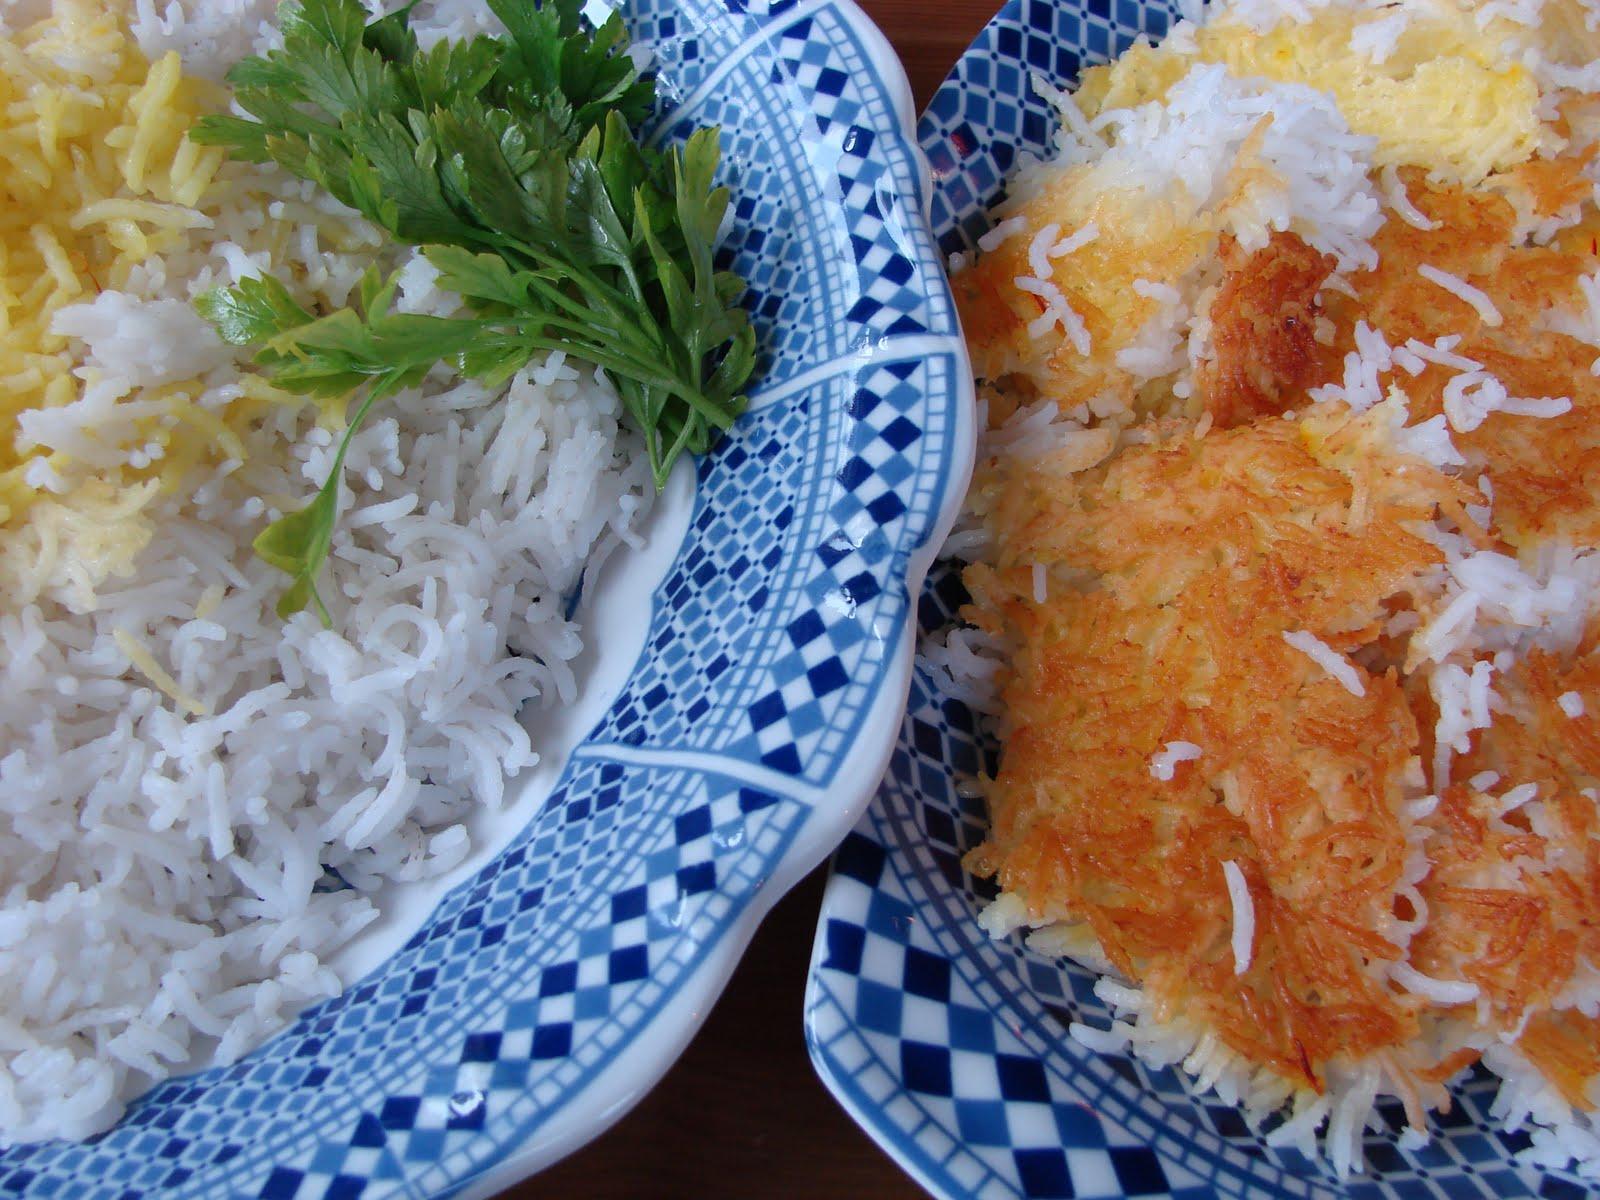 Halal Mama: Plain Persian Rice and Tah-dig